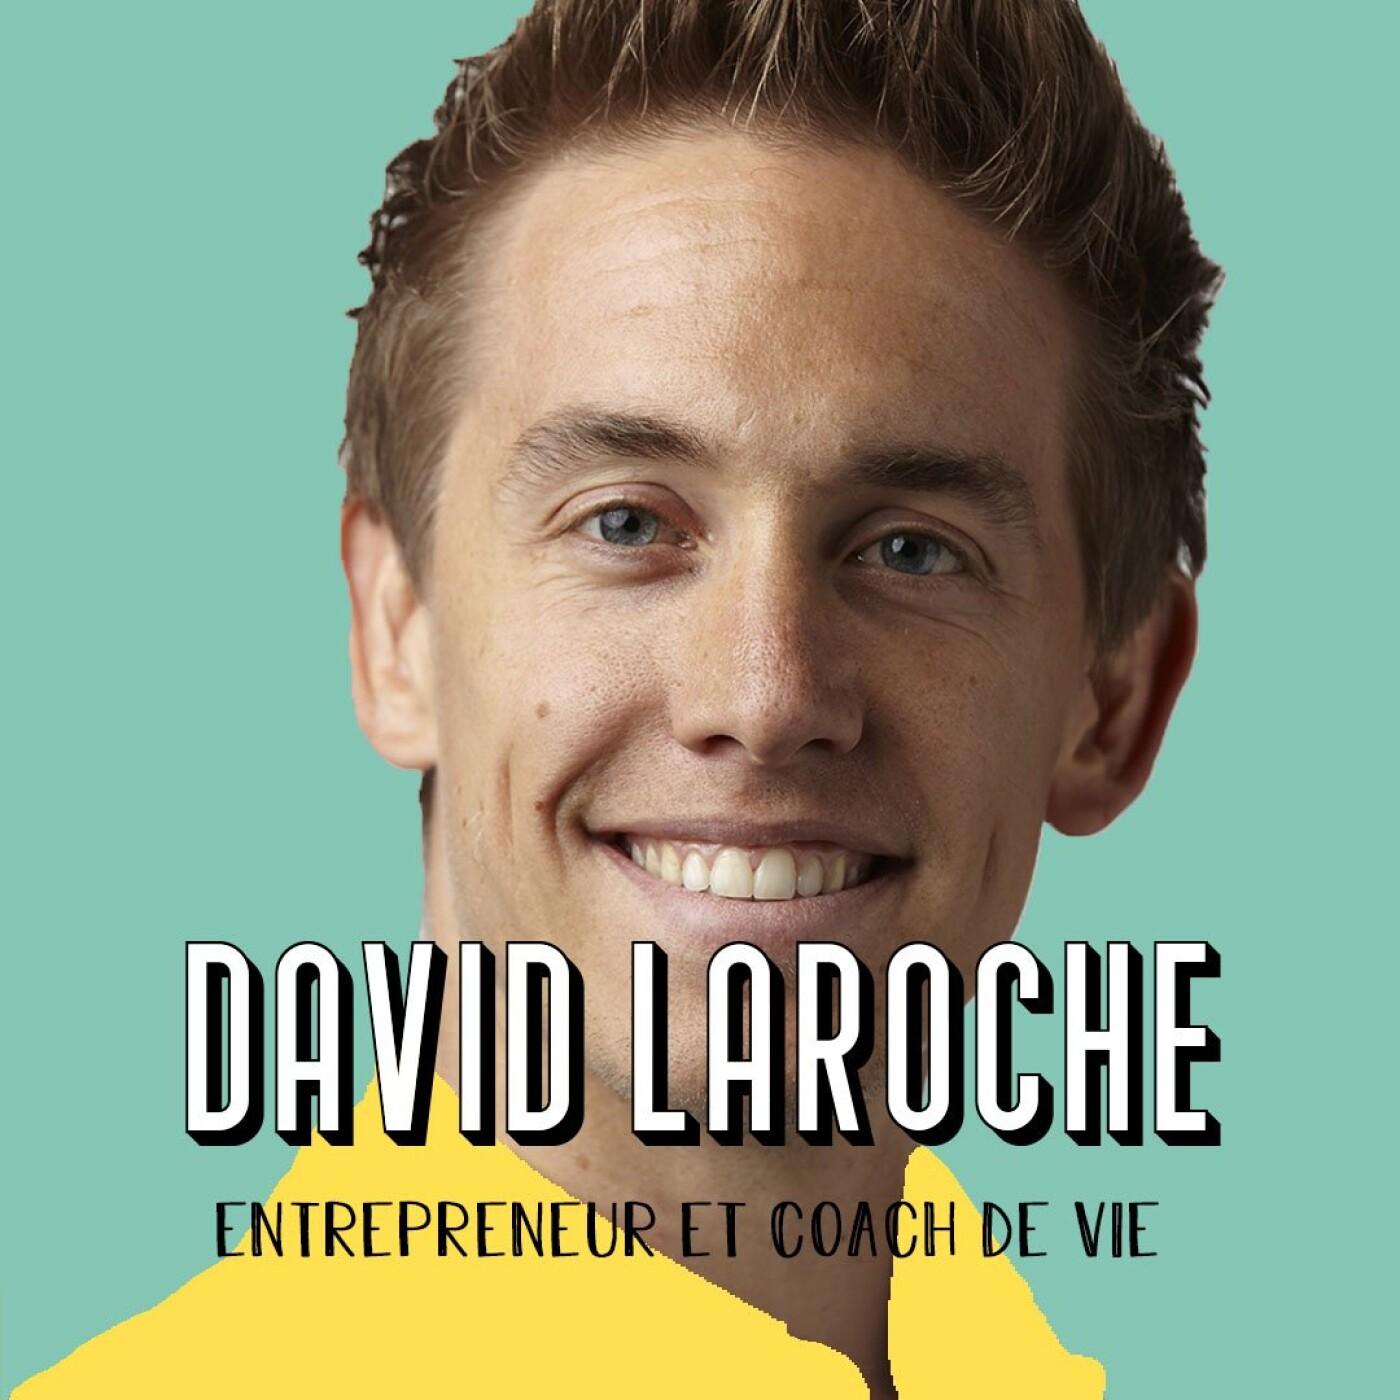 David Laroche - La réussite, c'est se regarder dans un miroir et pouvoir se dire merci (PARTIE 2)